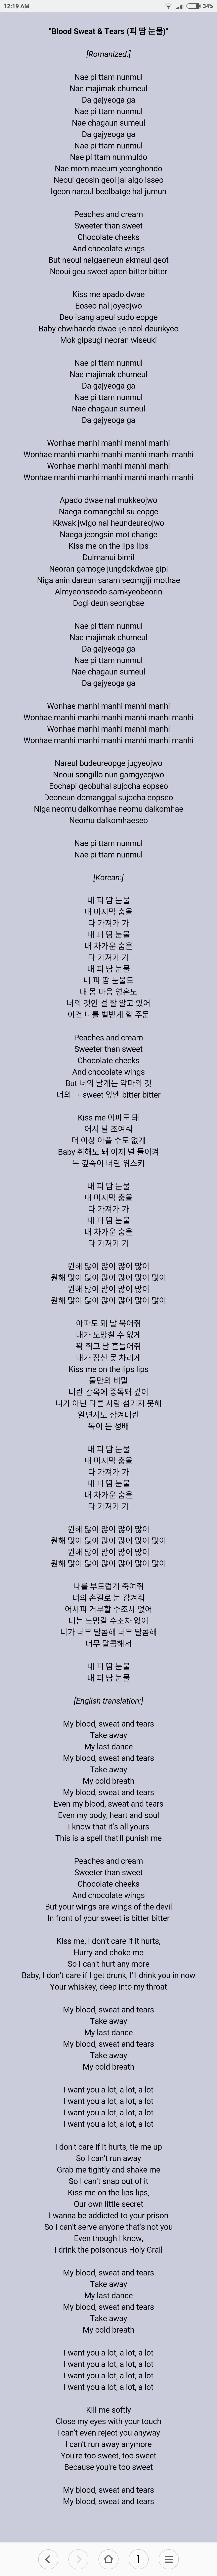 Blood Sweat And Tears Lyrics : blood, sweat, tears, lyrics, Music